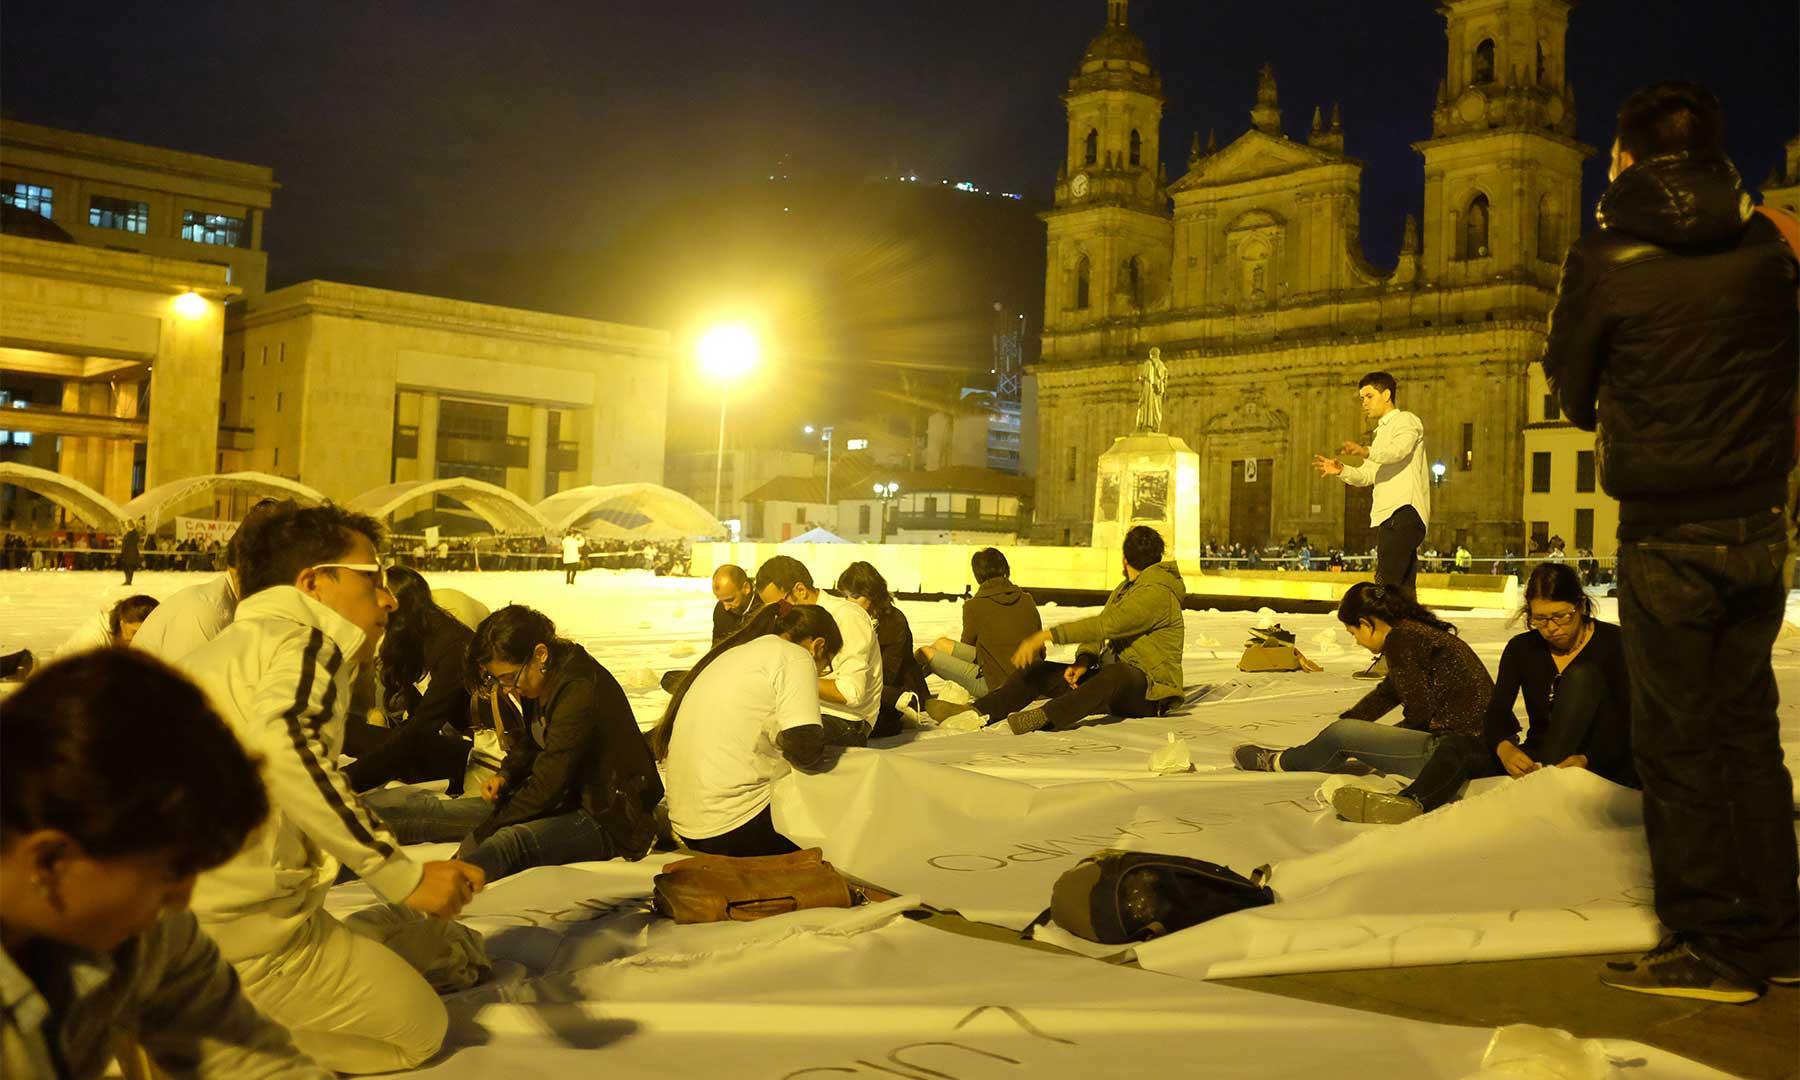 """En la Plaza de Bolívar, miles de jóvenes cosen una gigantesca bandera, de la obra denominada """"Sumando ausencias"""" de la artista Doris Salcedo, que se constituye en una acción de paz en memoria de las víctimas del conflicto."""